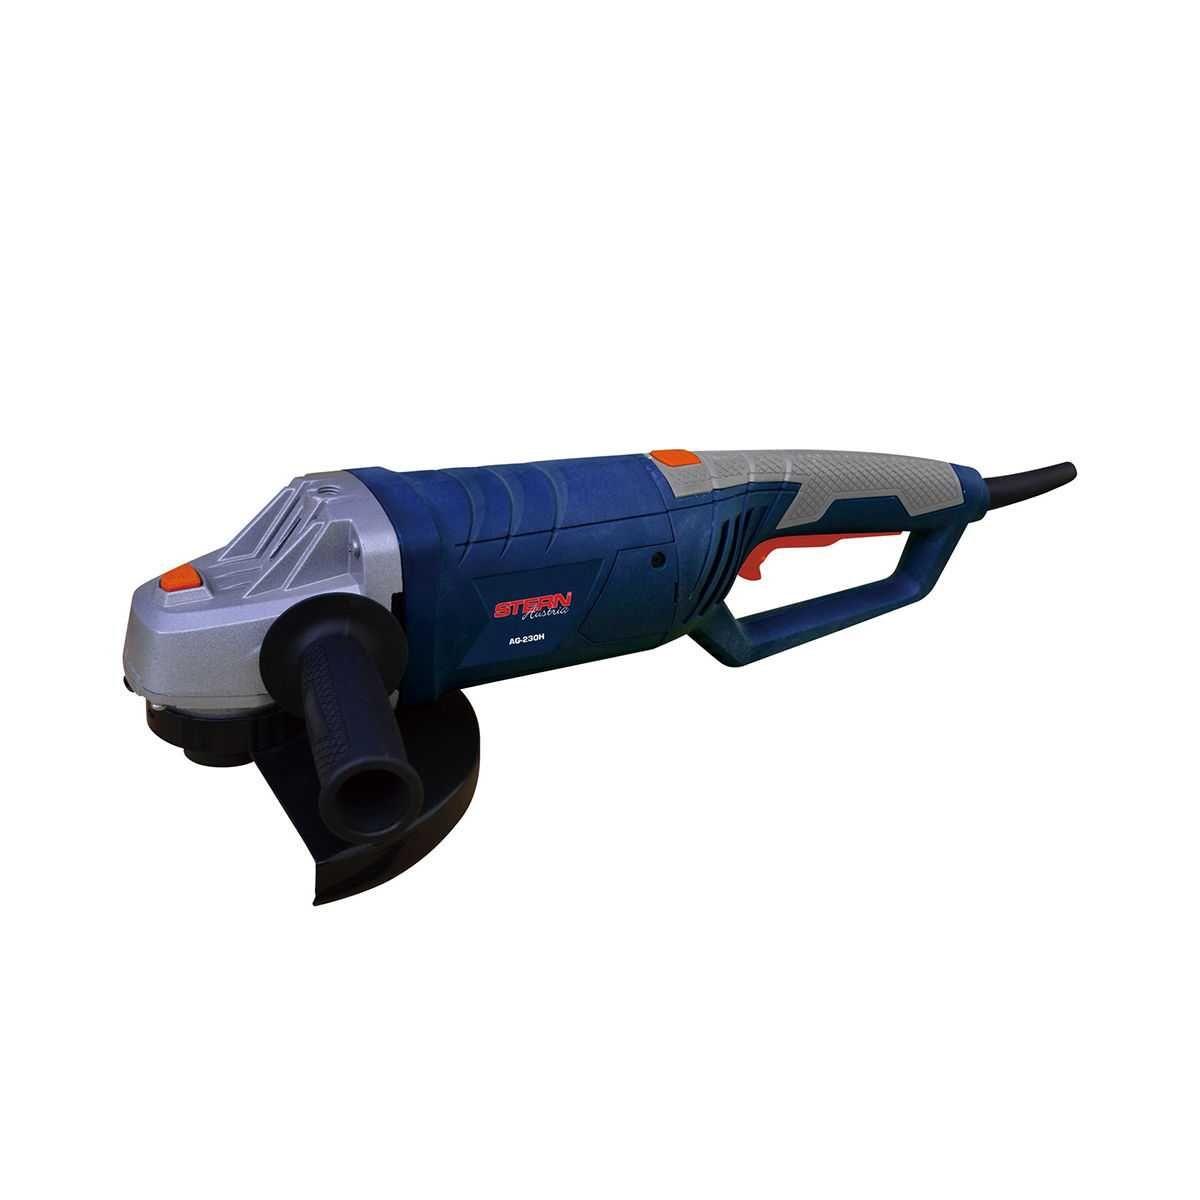 Polizor unghiular (flex) Stern AG230H, 2400 W, 230 mm